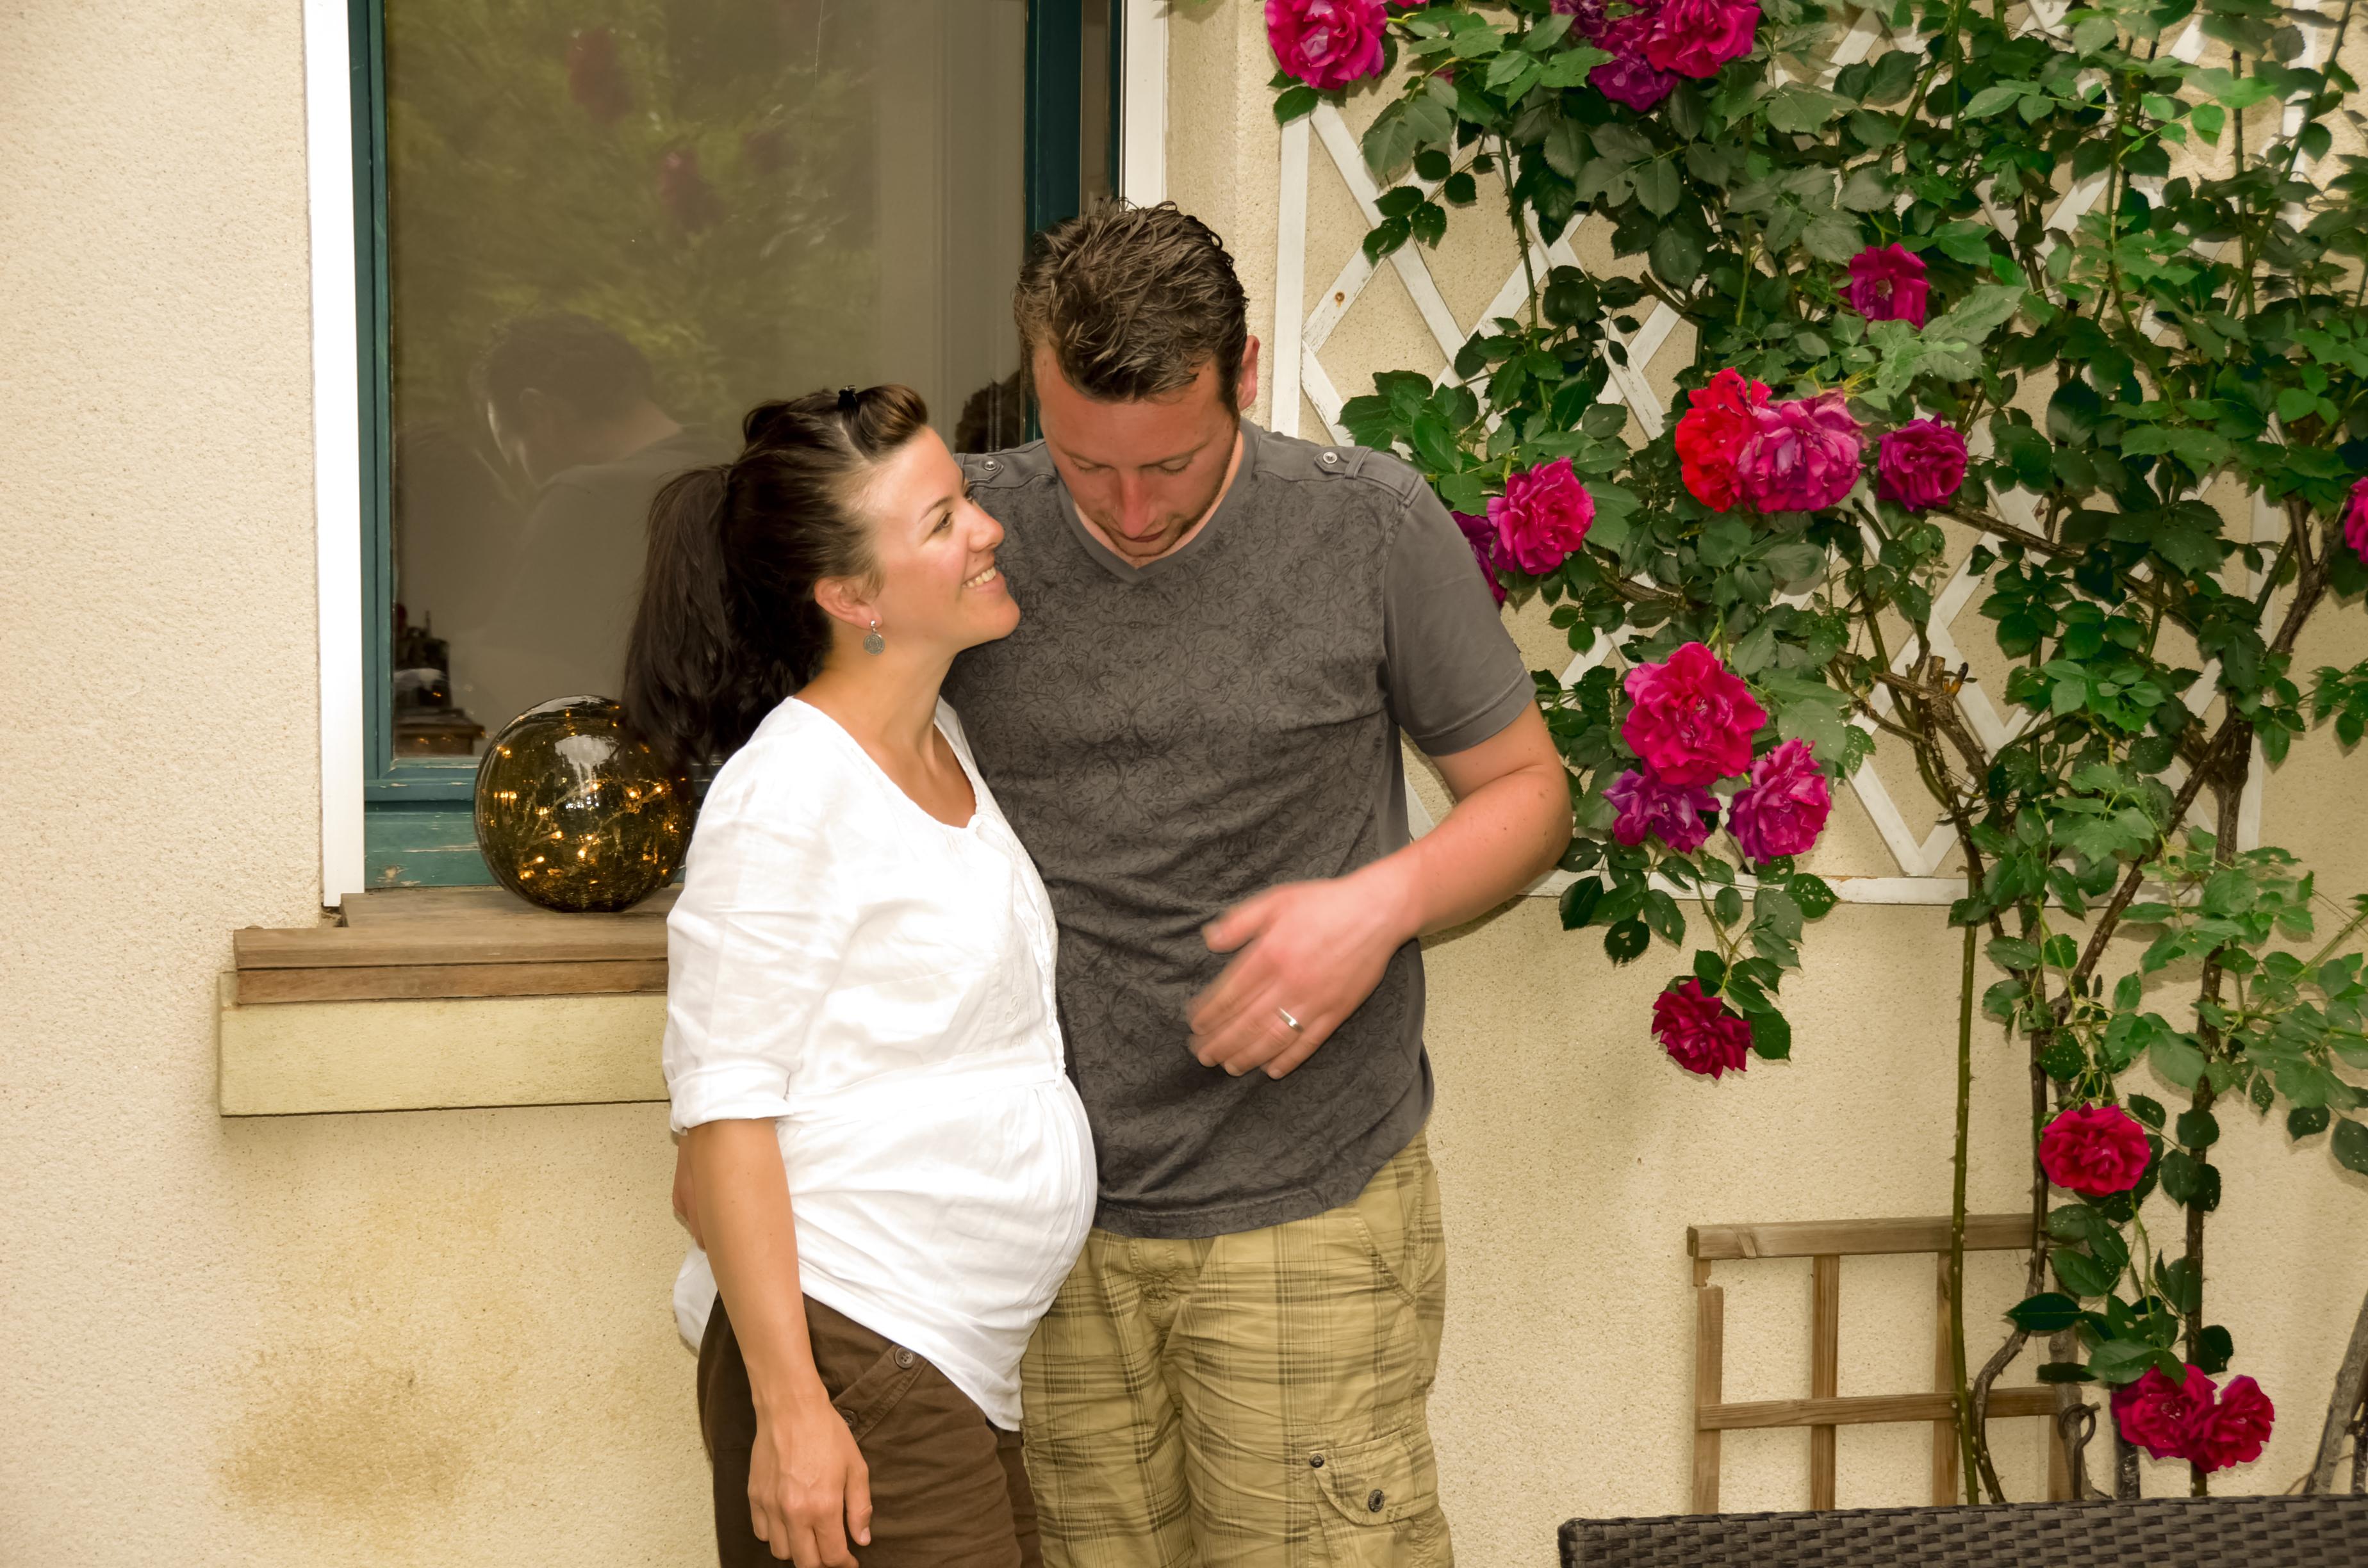 placenta bas a 5 mois de grossesse